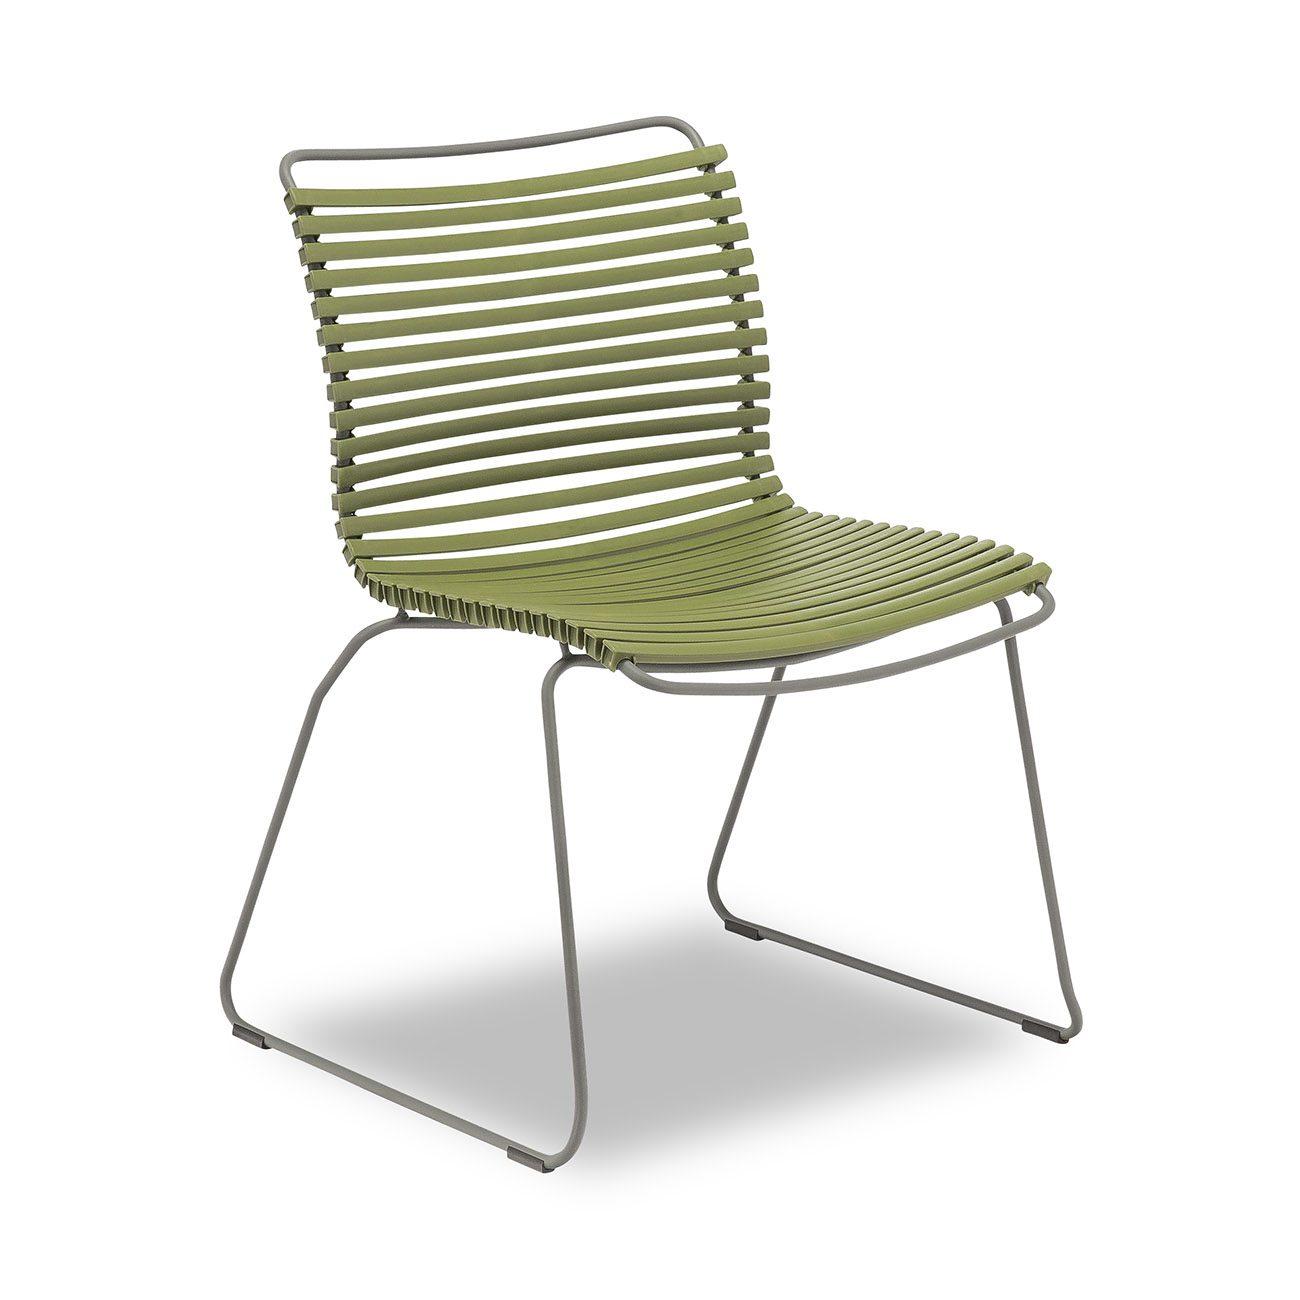 Olivgrön click matstol från Houe.